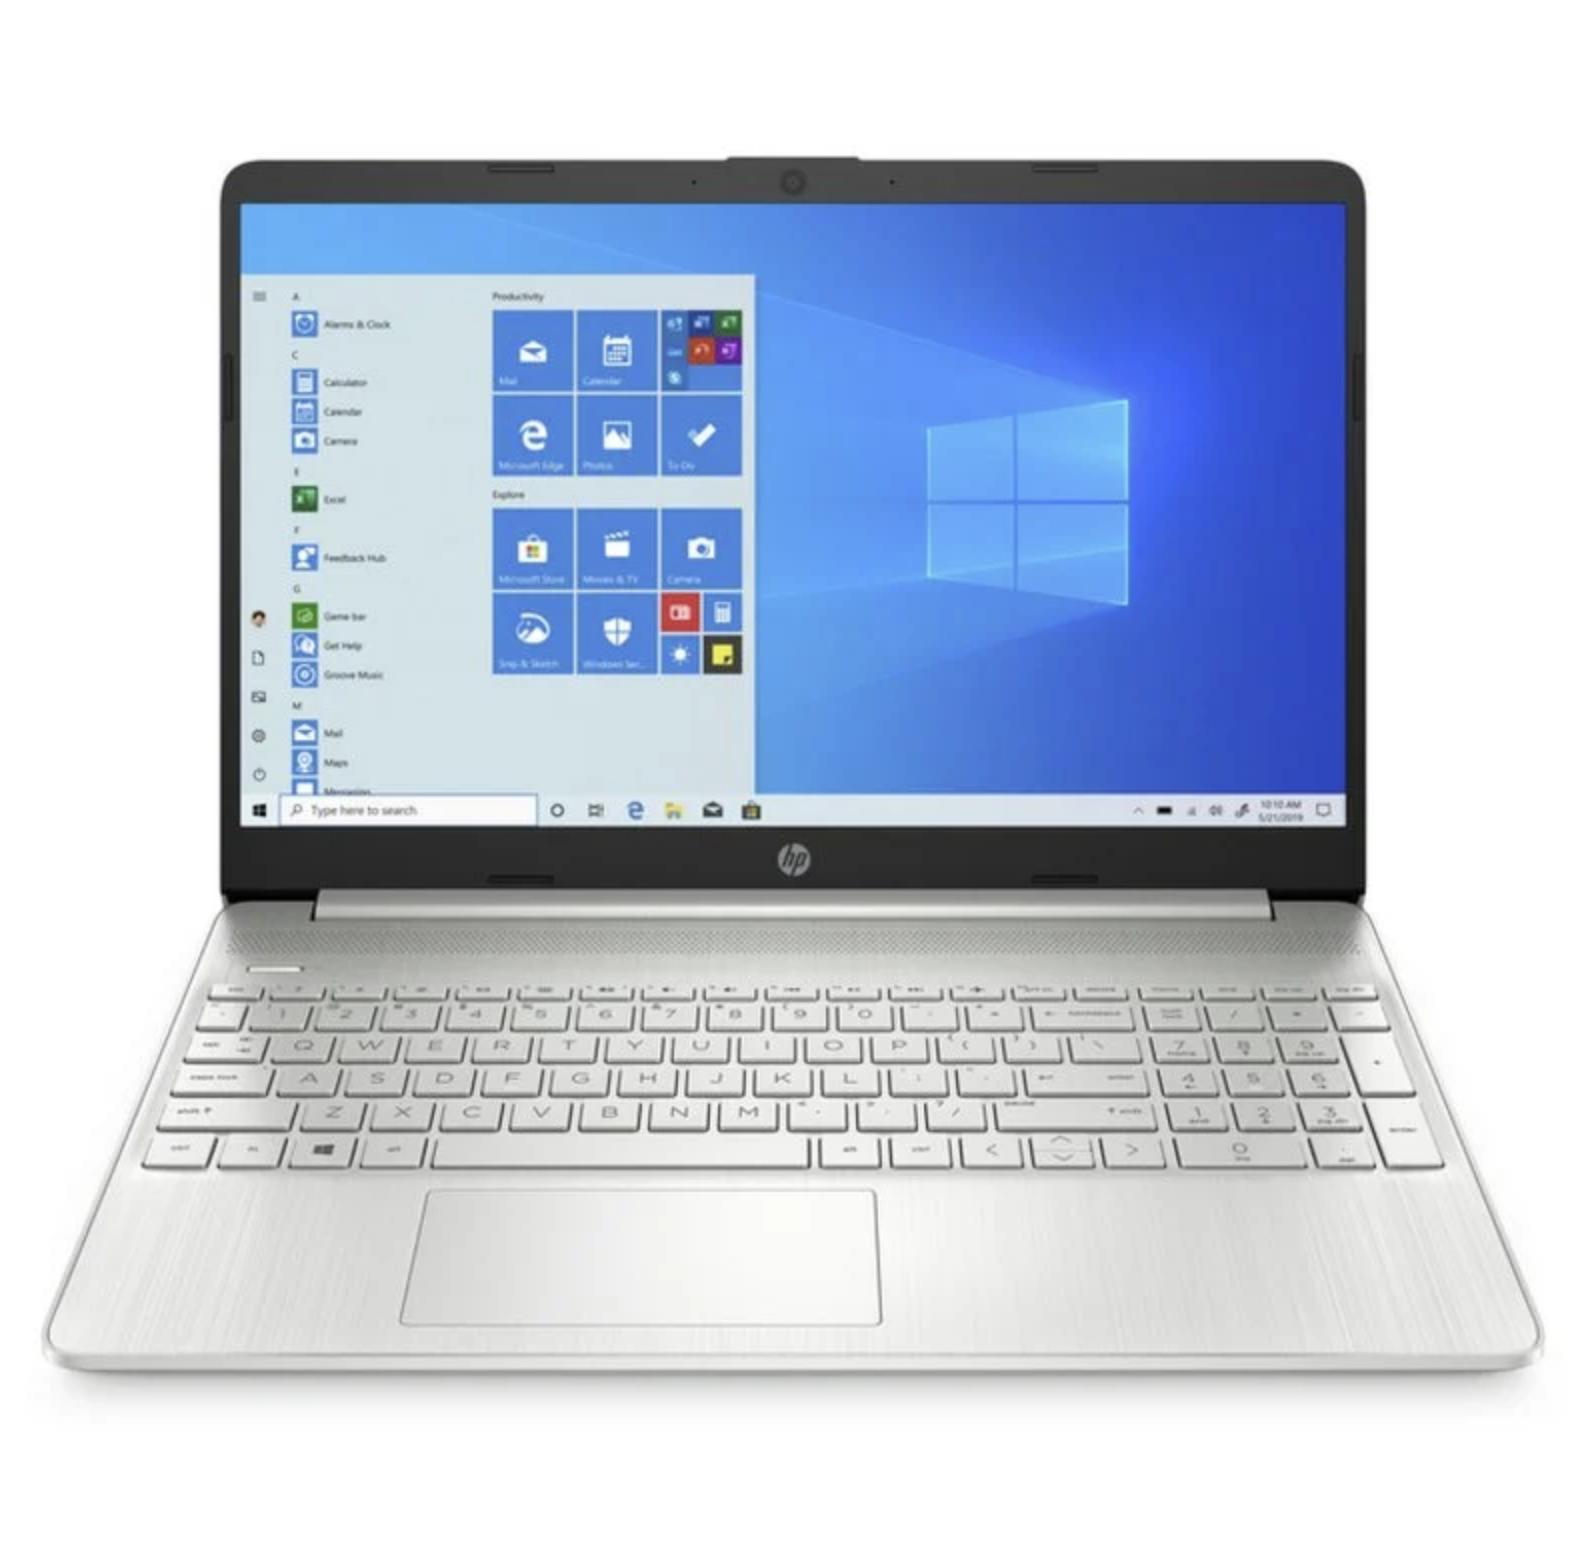 HP 15s Fq2004ns Intel Core I5 1135G7 8GB 512GB SSD 156